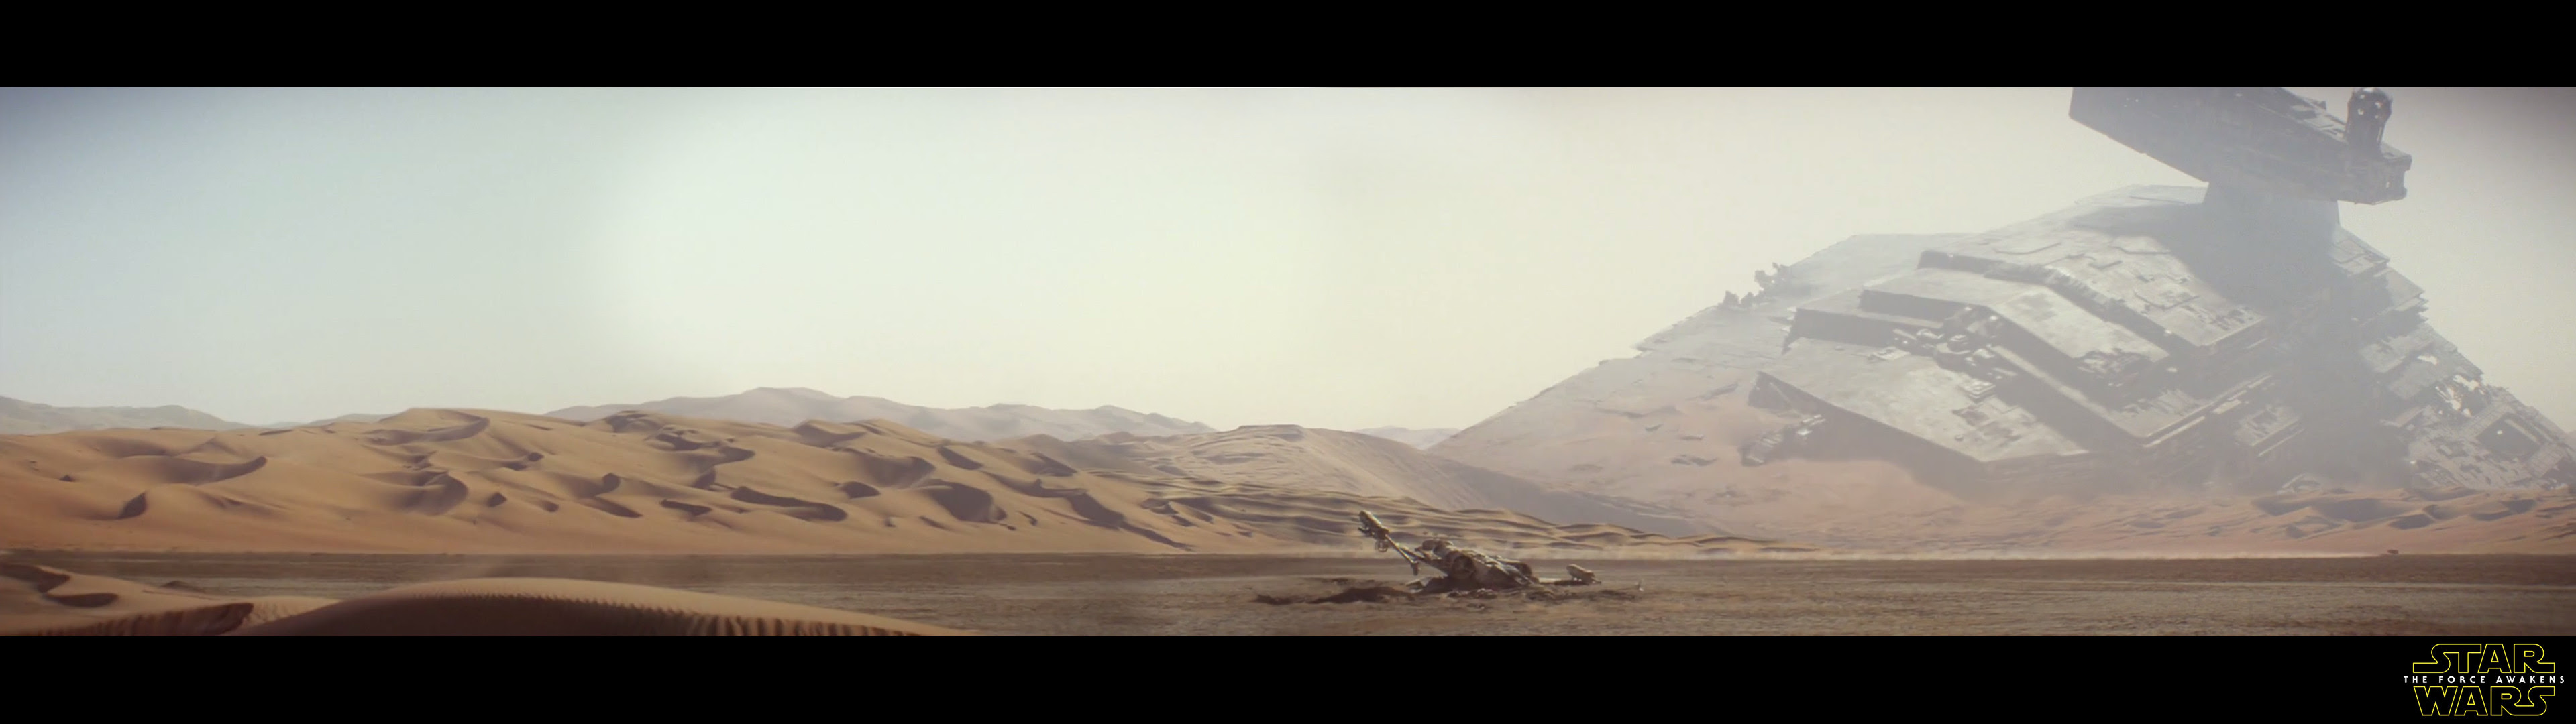 Dual Screen Wallpaper Star Wars 36 Images